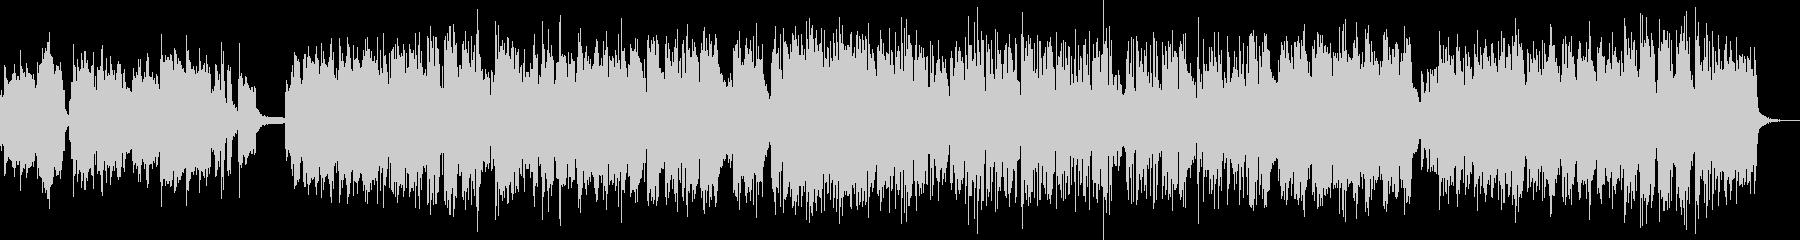 地中海の旅人ギター・ピアノ・バンドネオンの未再生の波形